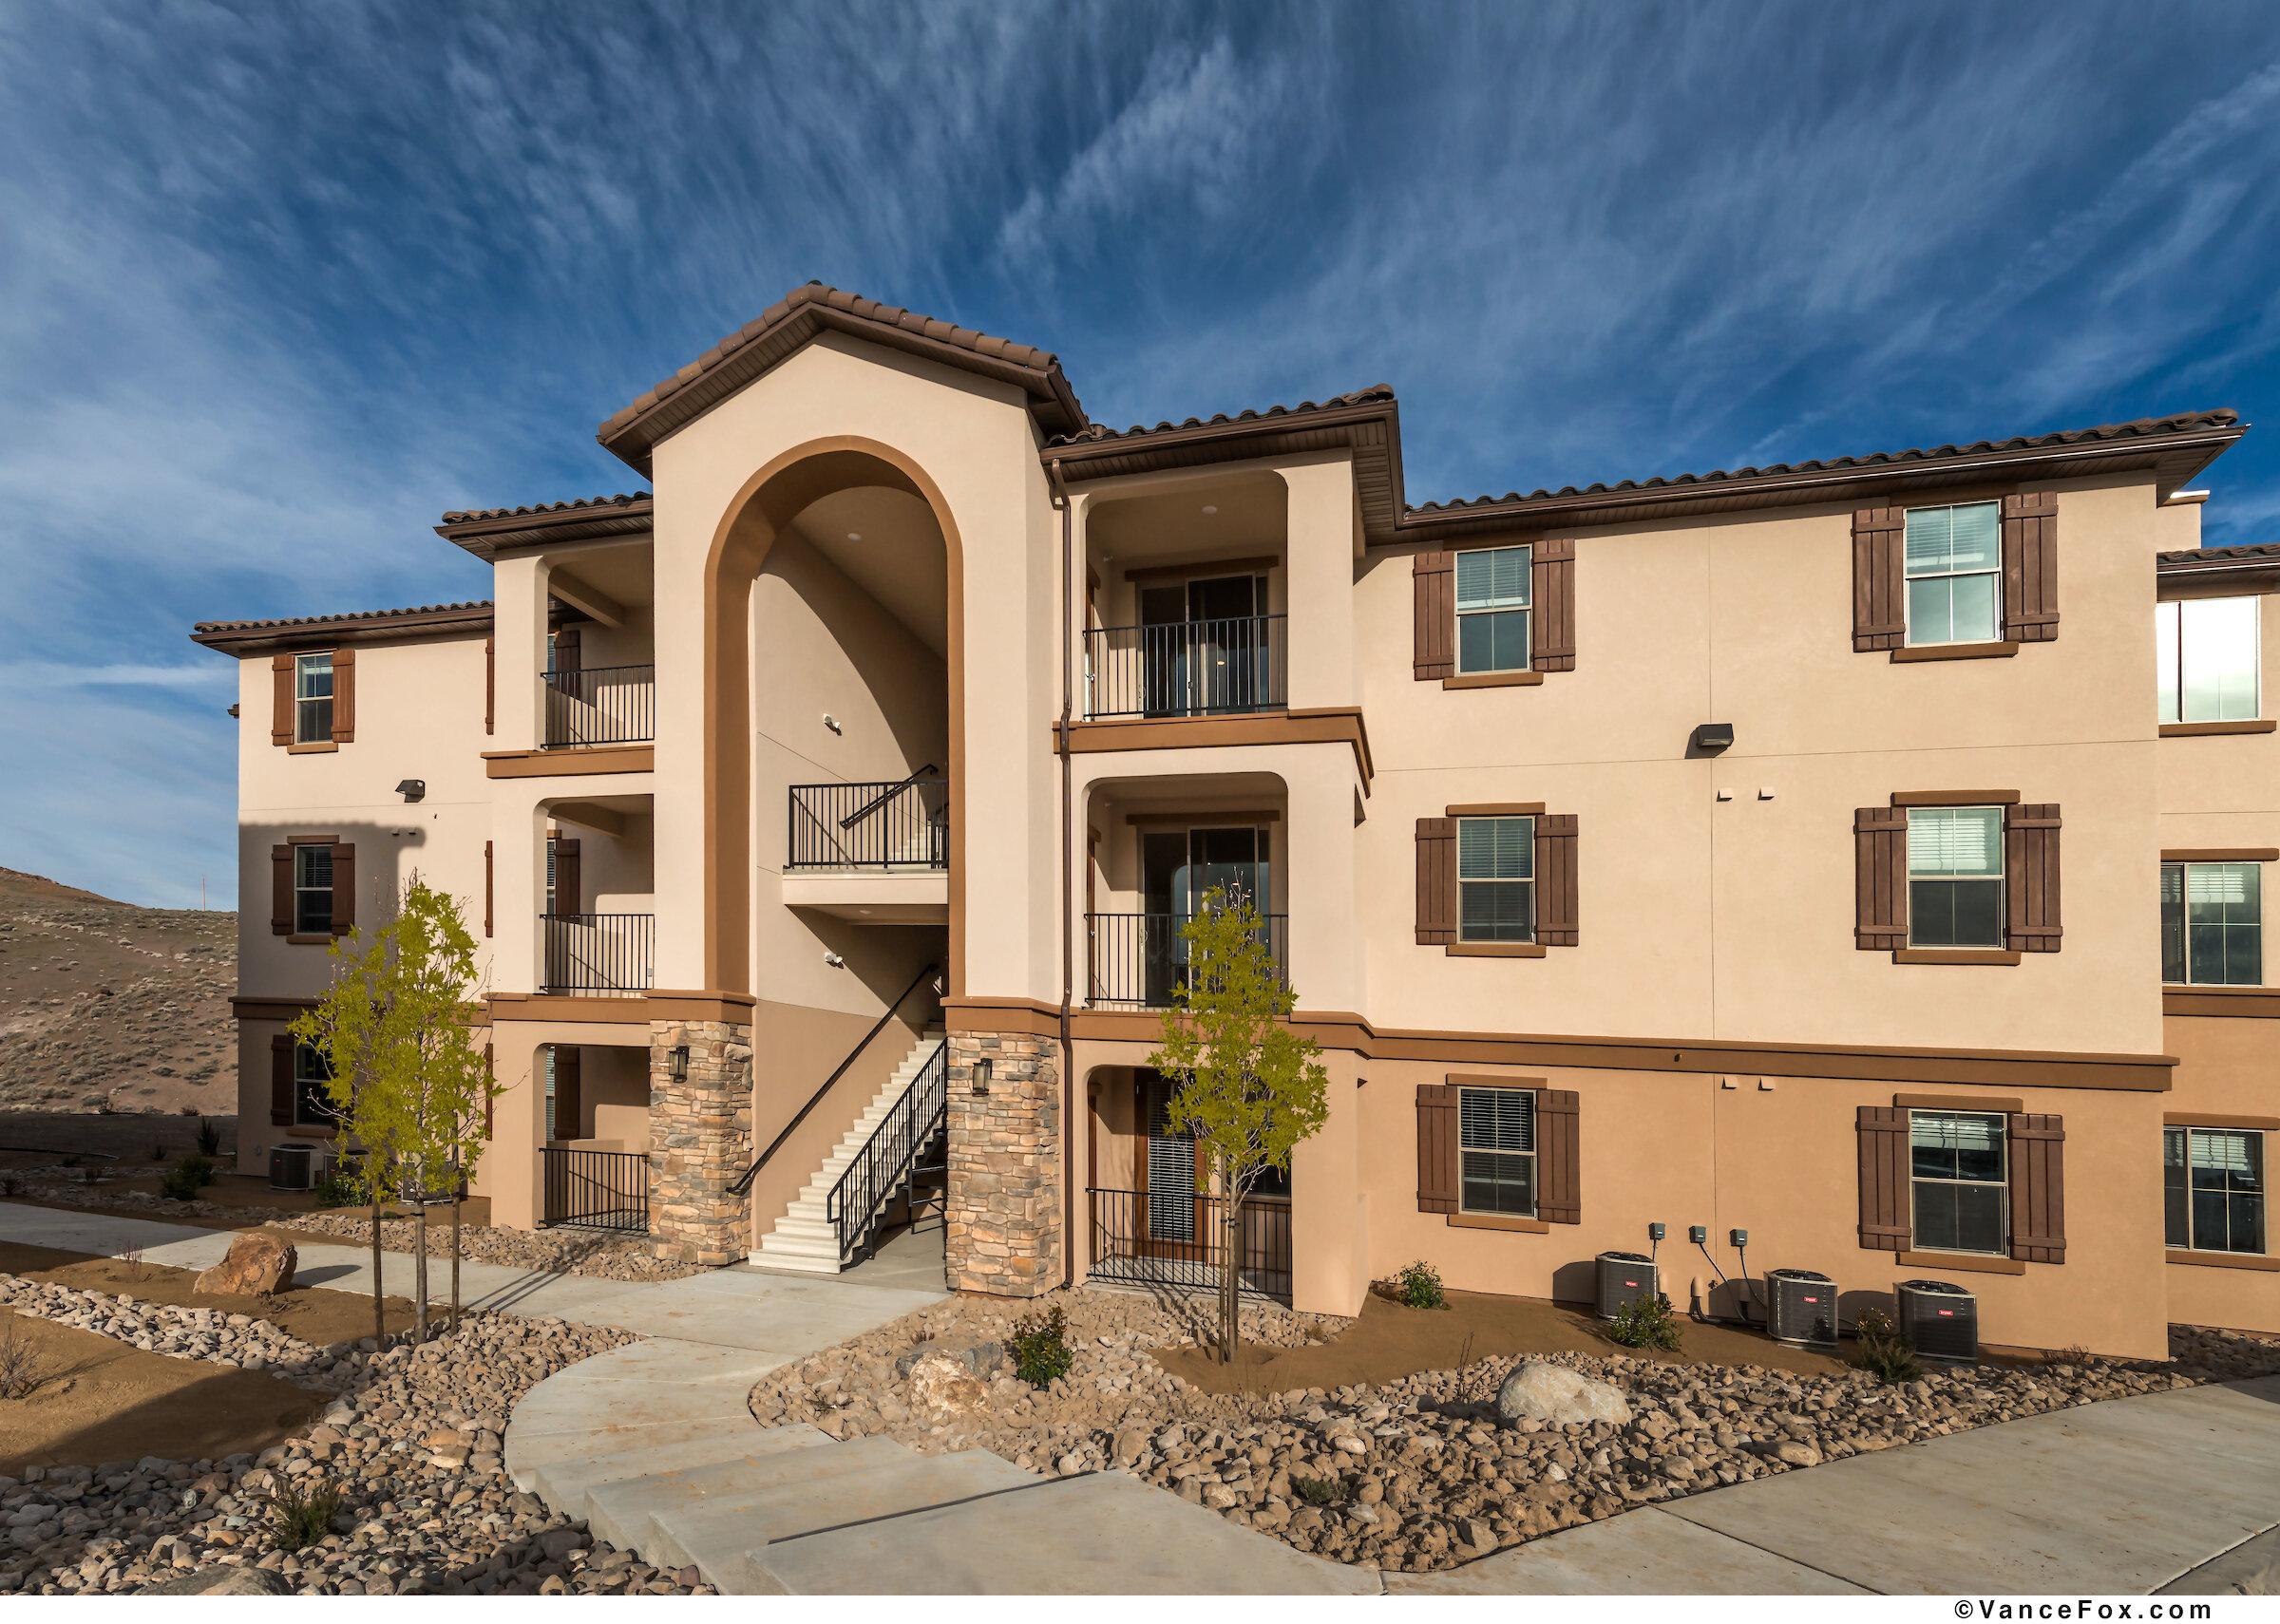 Villas at Keystone Canyon Apts.jpg